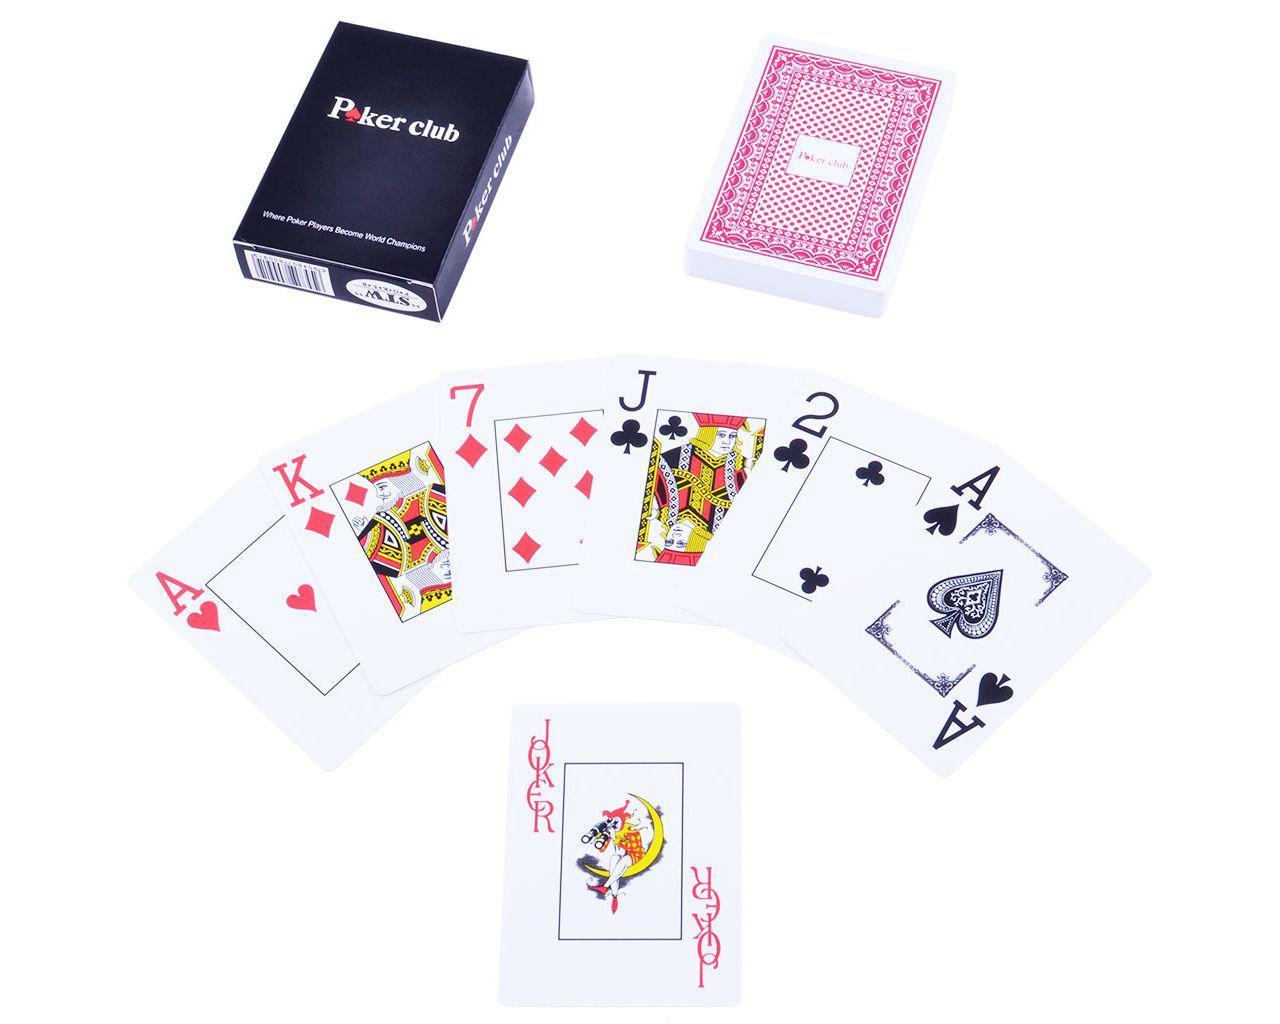 ли дурака можно в играть картами покерными